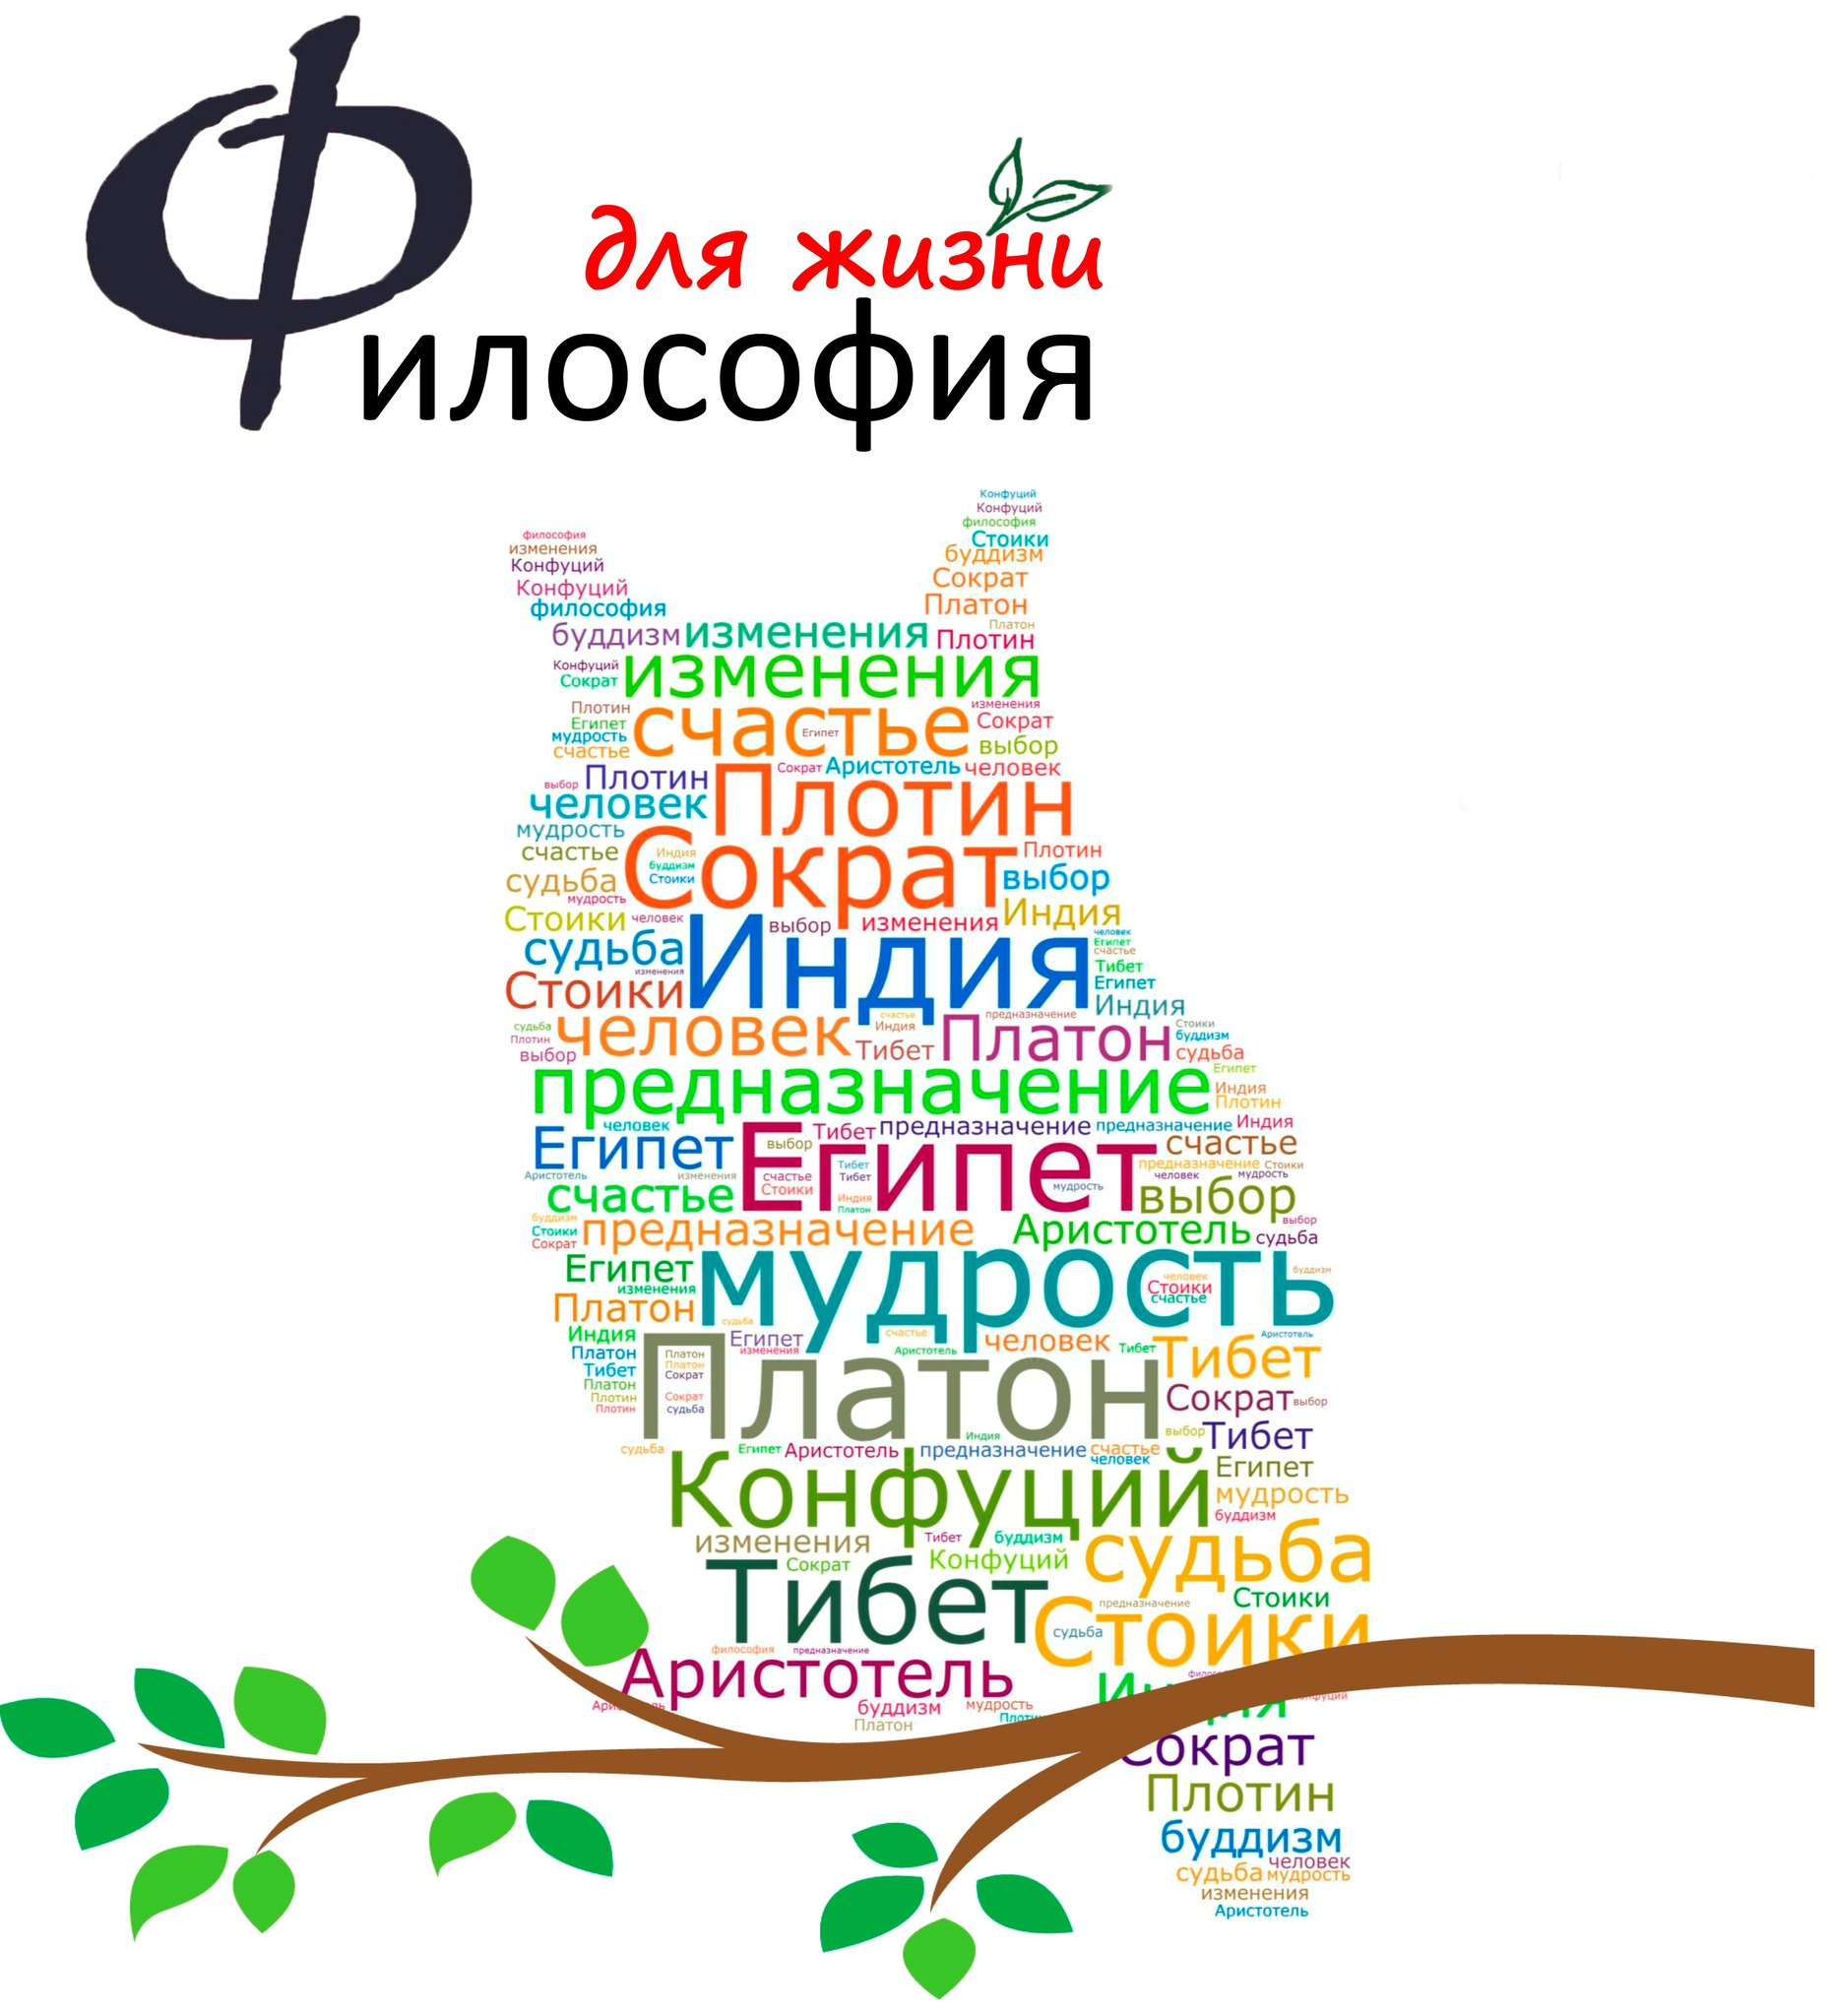 психологический журнал владивосток